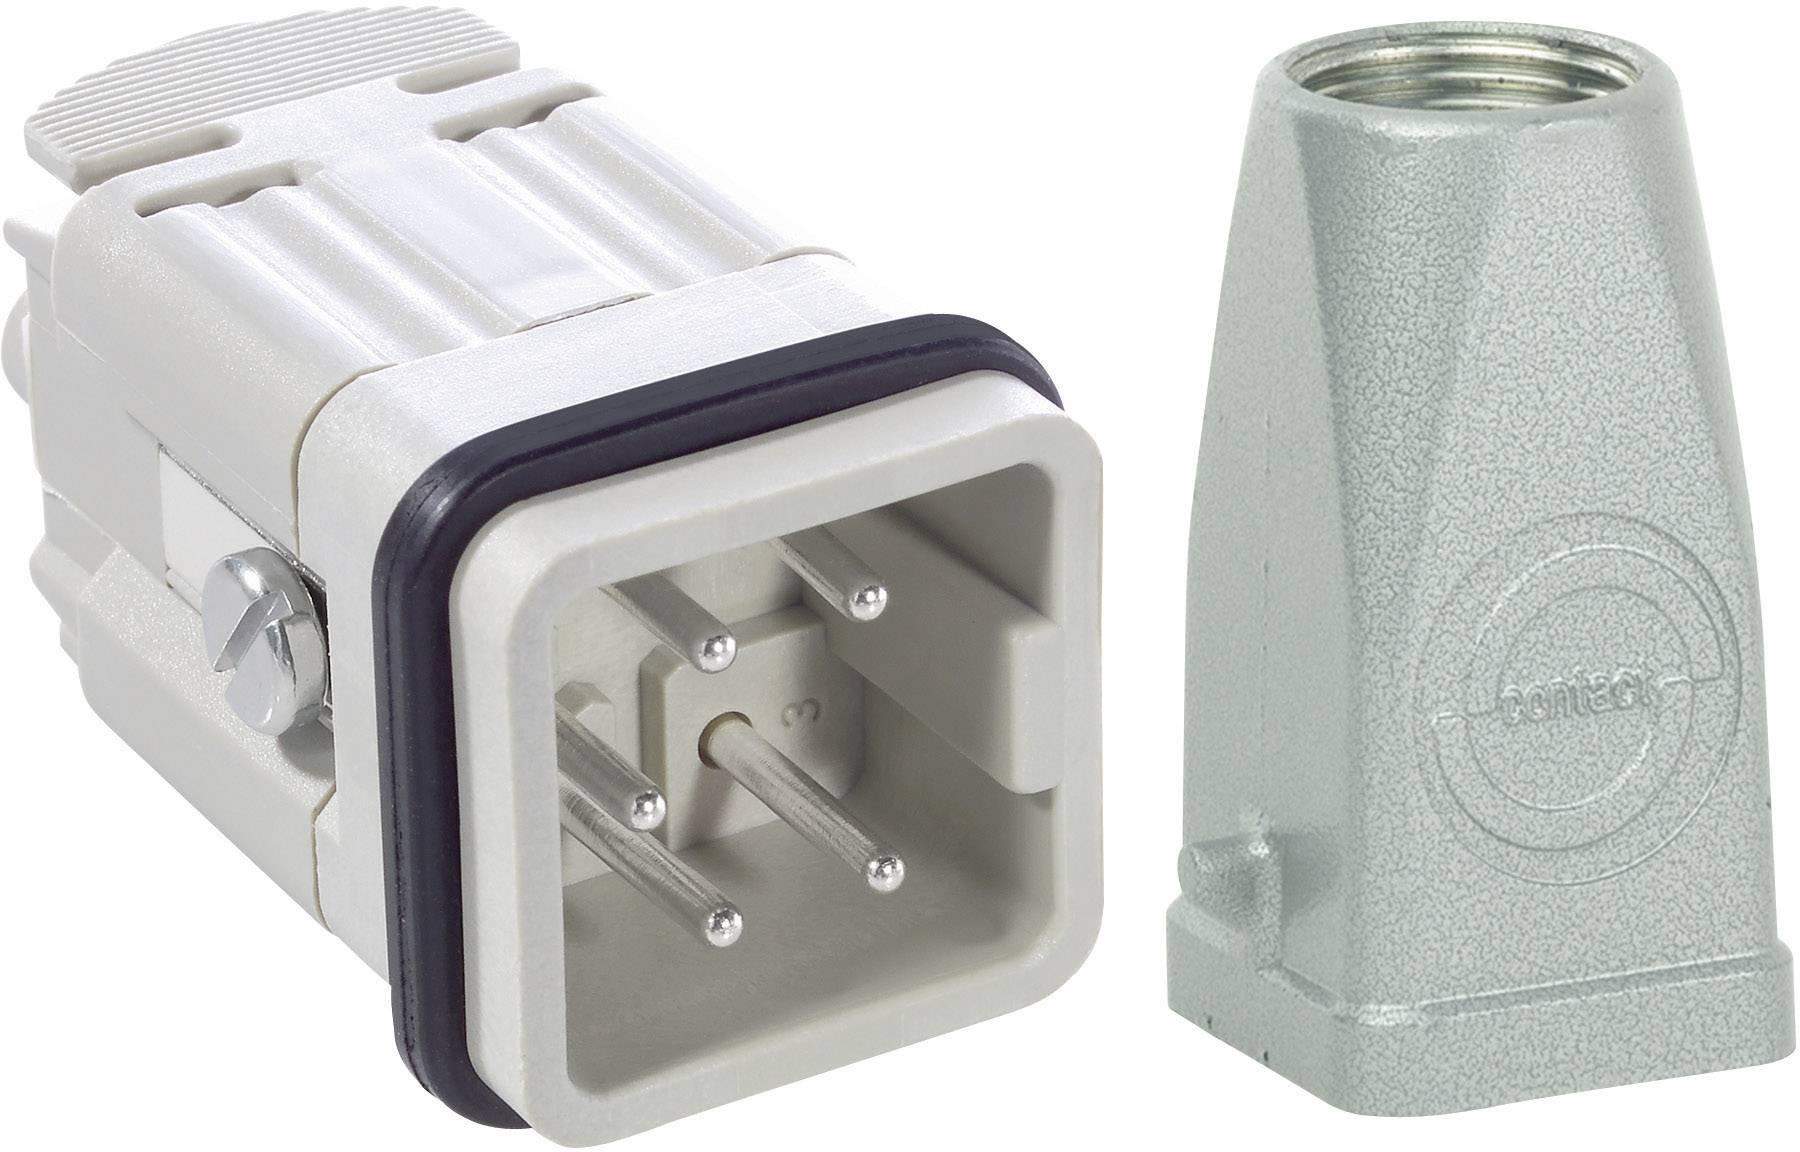 Sada konektorů EPIC®KIT H-A 4 75009614 LappKabel 4 + PE šroubovací 1 sada